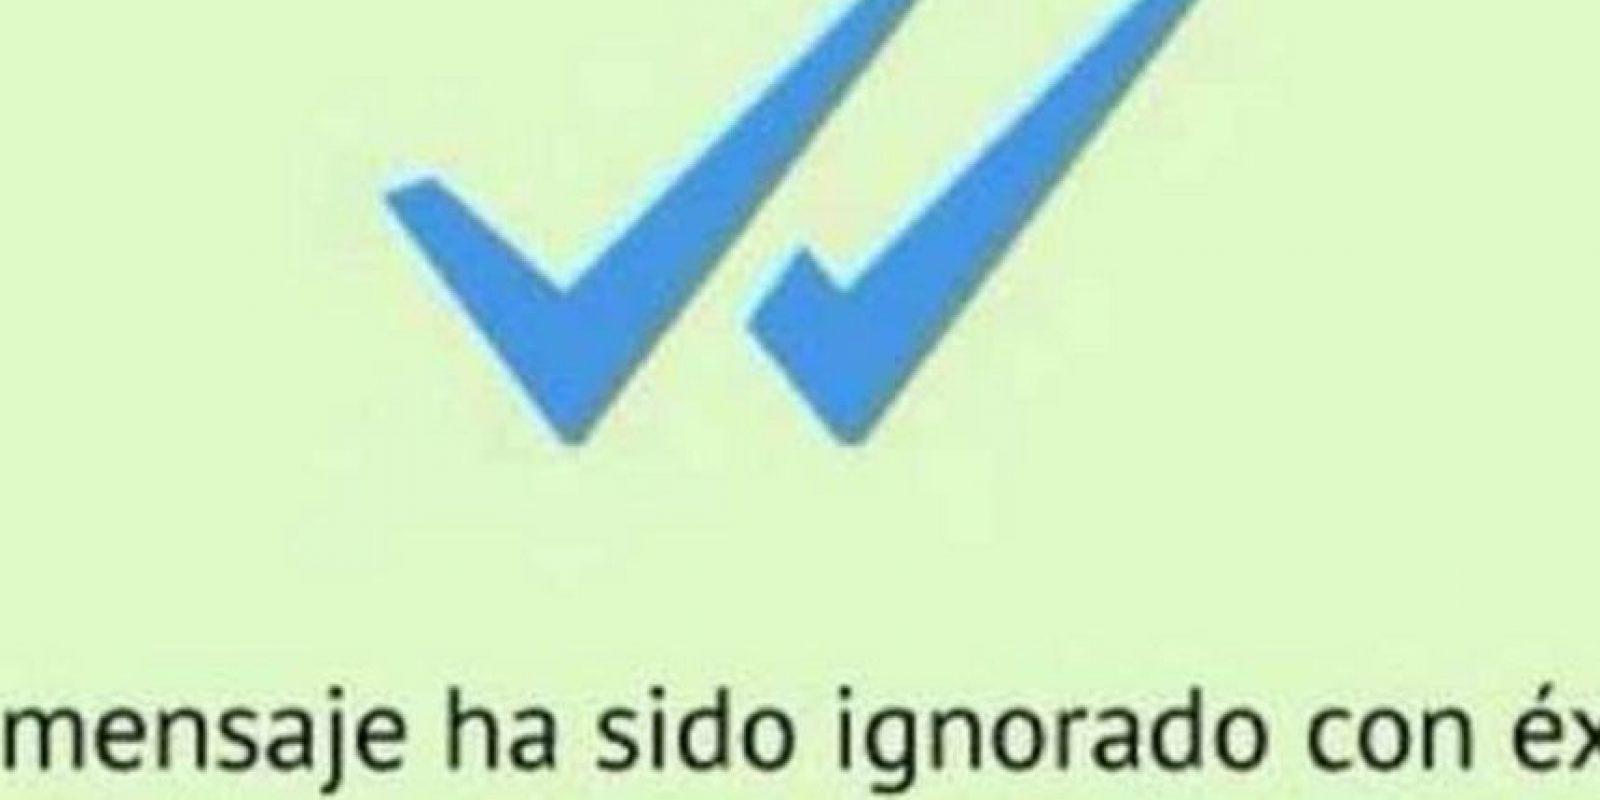 Facebook Foto:Es lo peor que nos puede pasar en los mensajeros como WhatsApp. El corazón se nos rompe cuando enviamos un mensaje y sólo aparecen esas dos palomas azules.